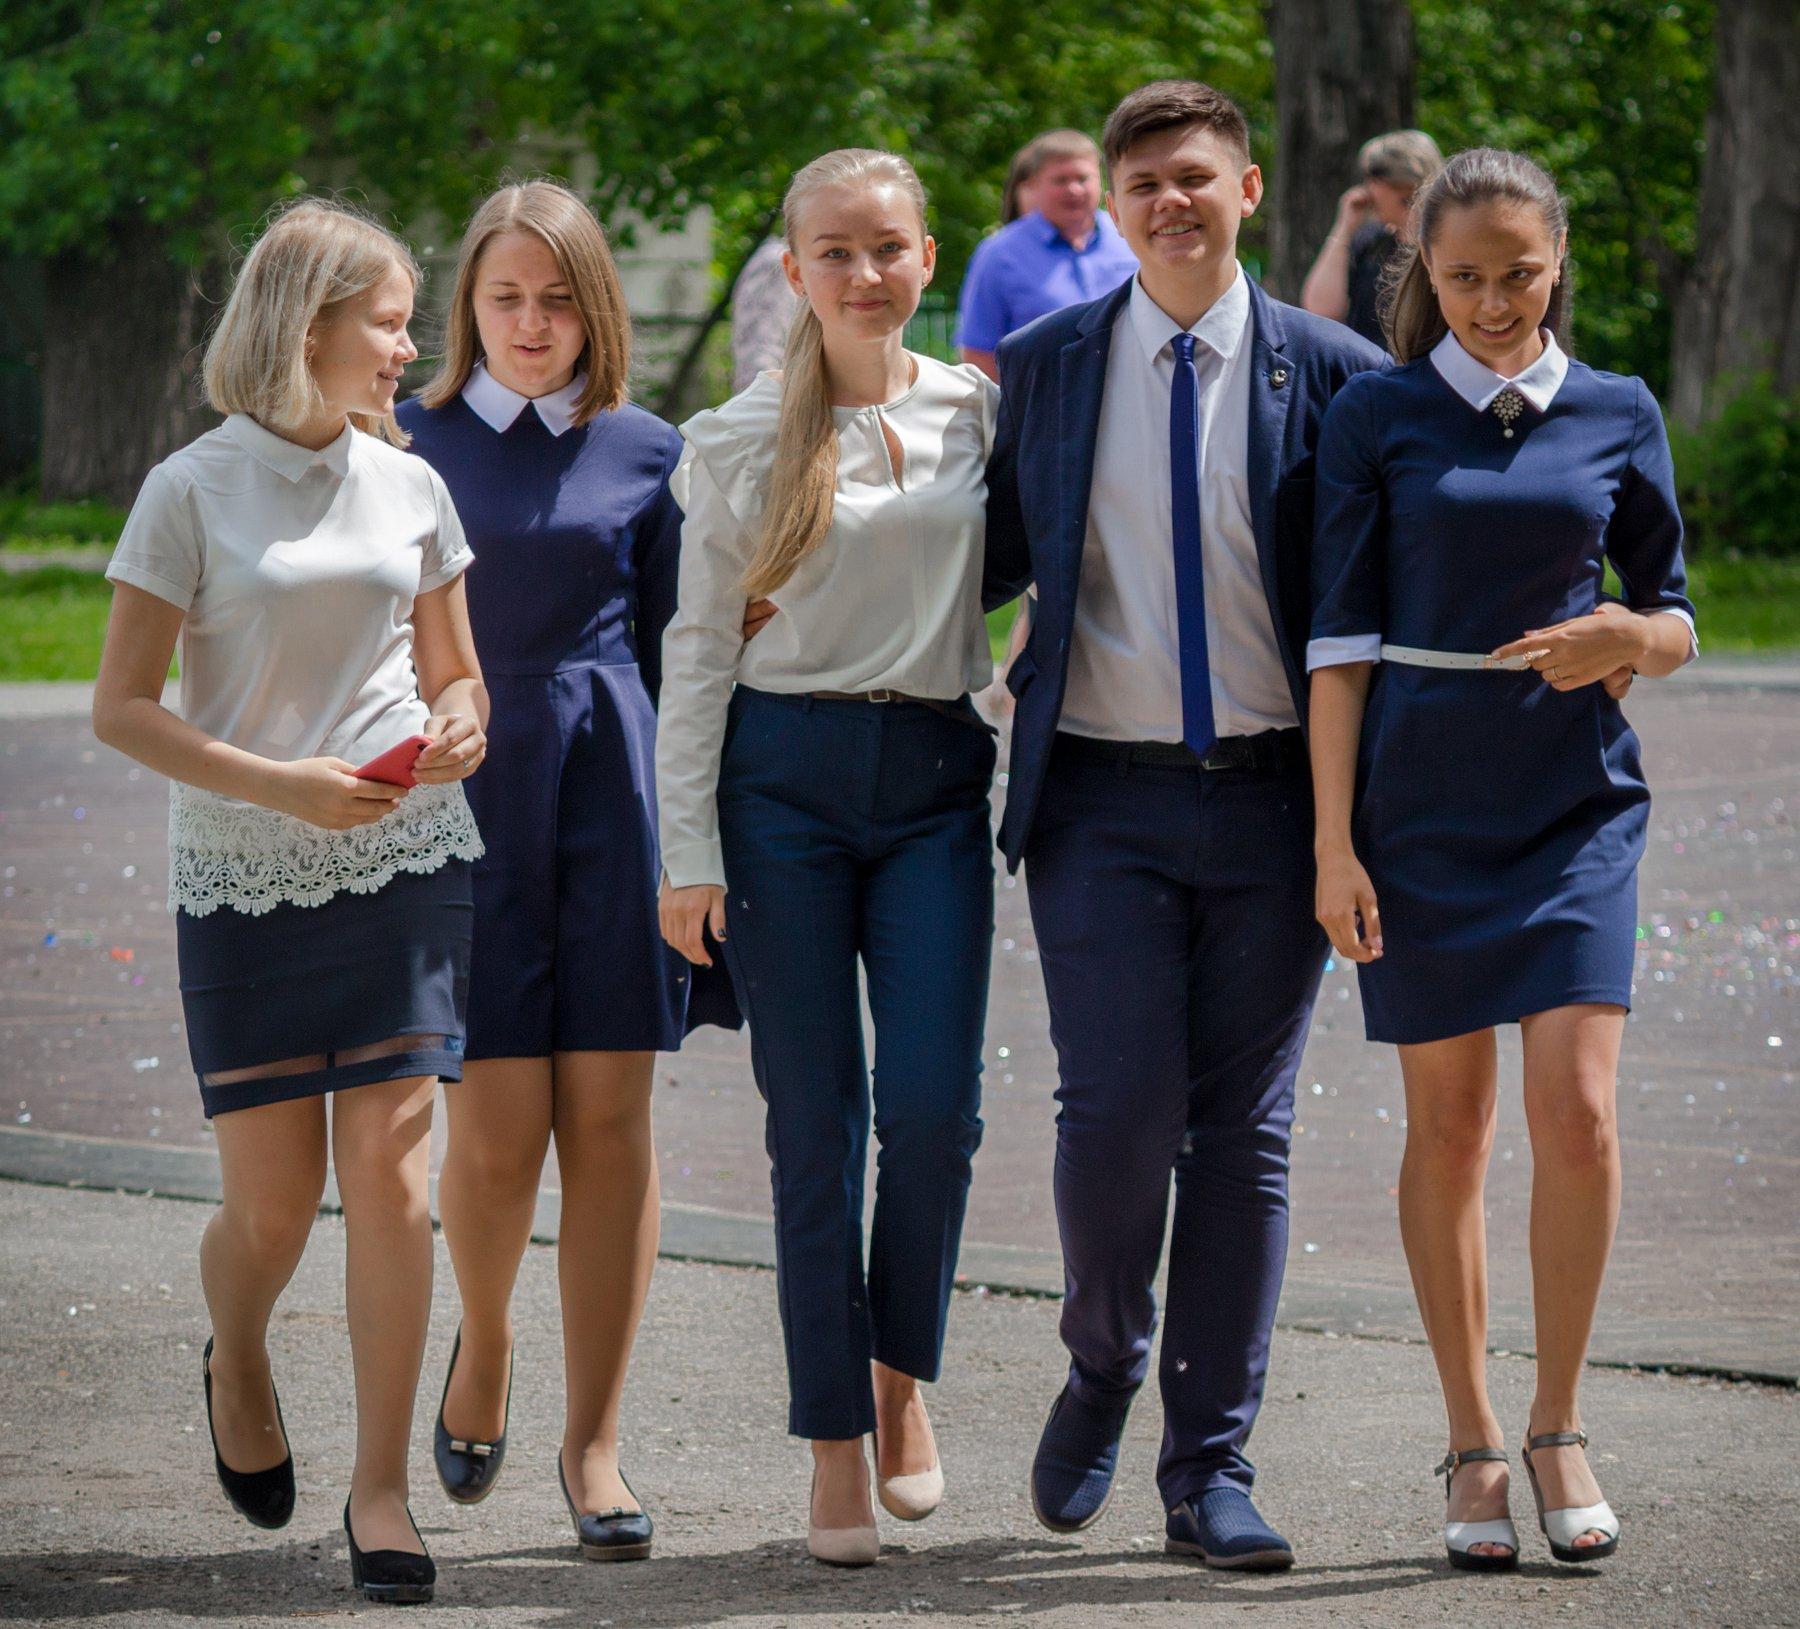 тинейджеры, школьники, ученики, последний звонок, школа, дети, Руслан Востриков